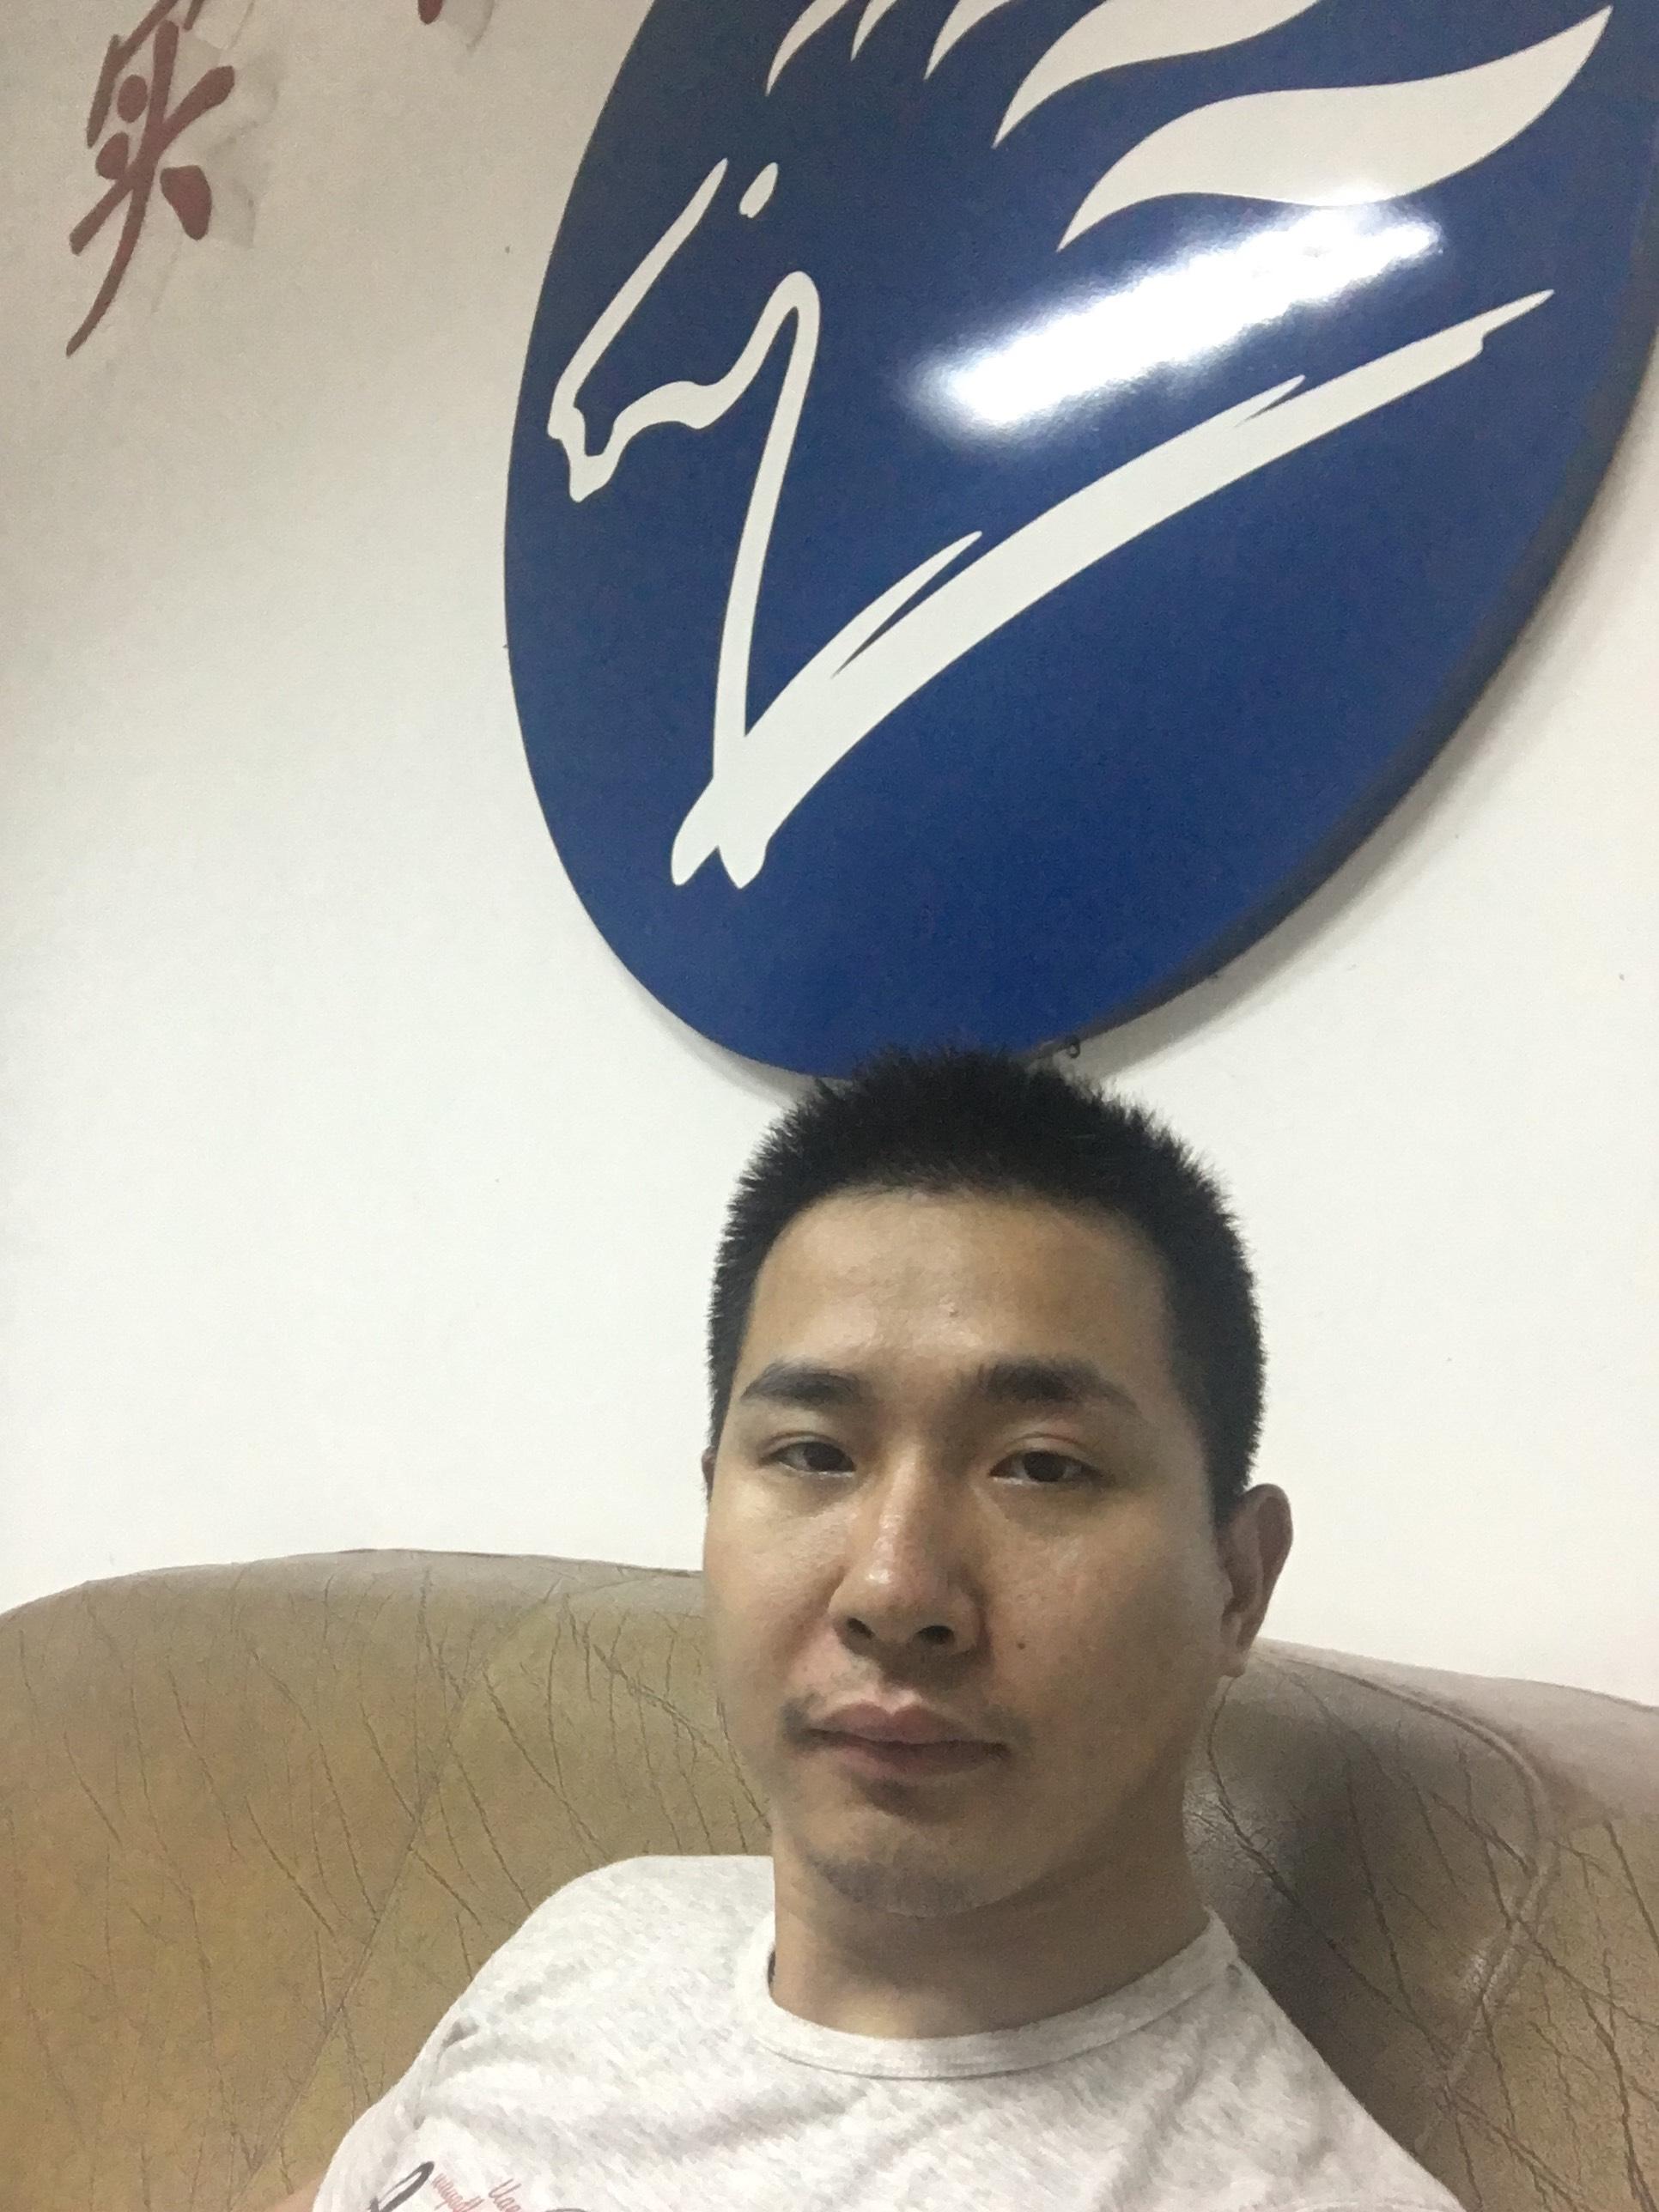 广东省江门市台山到广西壮族自治区桂林市资源县物流货源信息